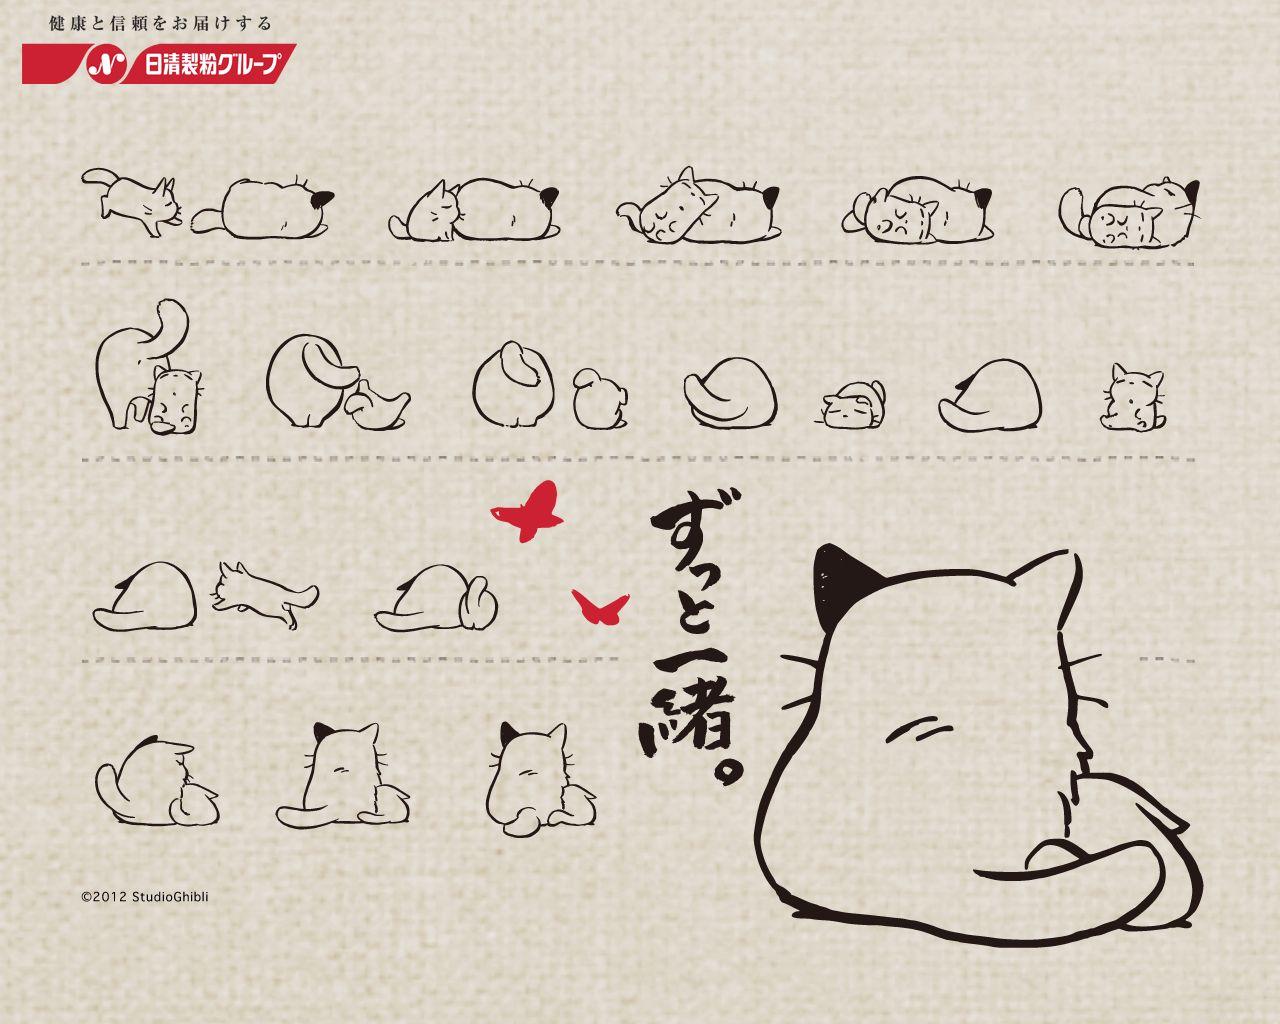 Studio Ghibli For Nisshin Seifun Group Inc コニャラ かわいい動物の絵 ネコ イラスト